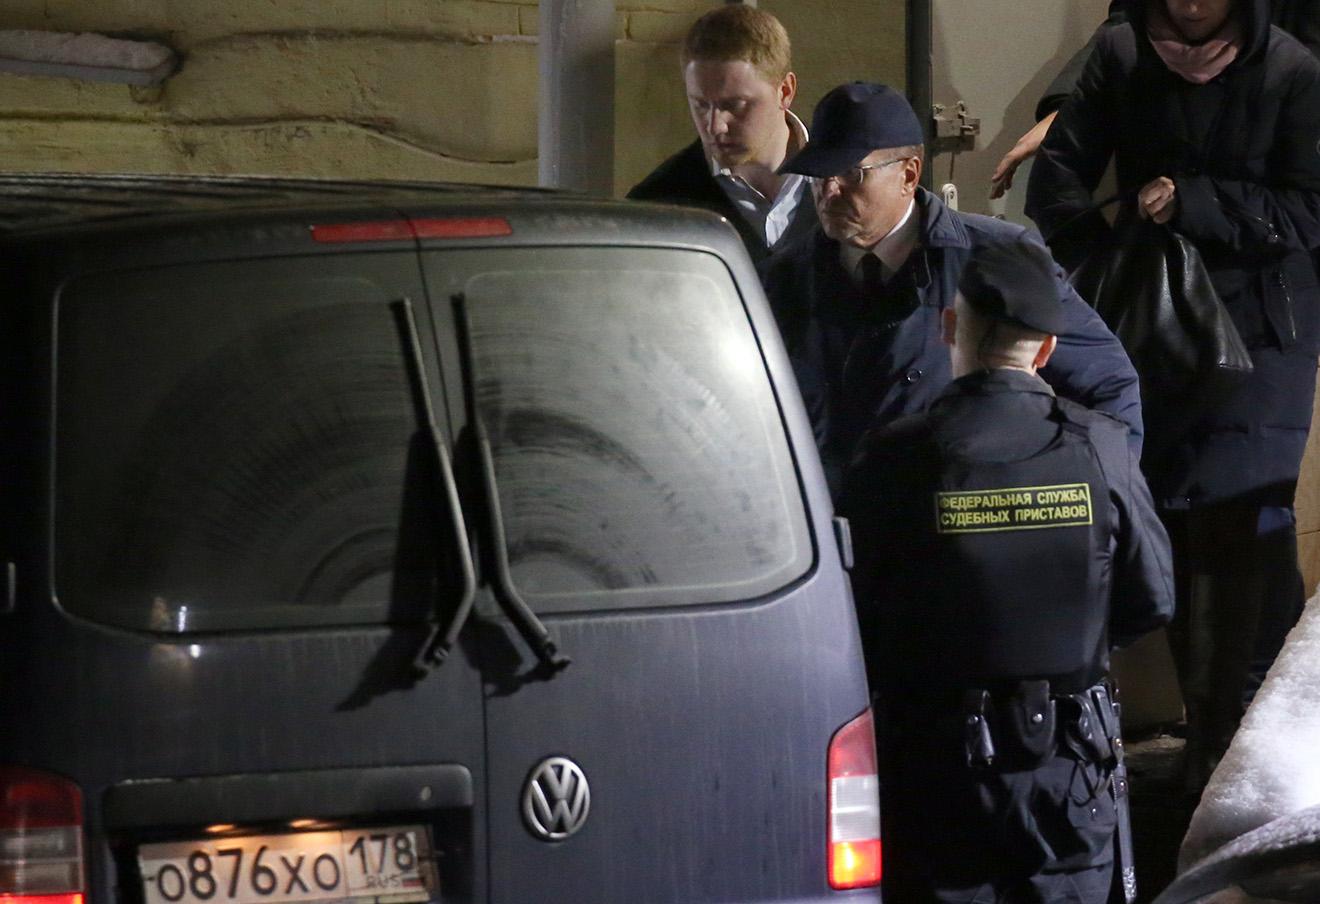 Бывший министр экономического развития РФ Алексей Улюкаев (второй слева) на выходе из Басманного суда, после избрания ему меры пресечения в виде домашнего ареста, 15 ноября 2016. Фото: Артем Геодакян / ТАСС